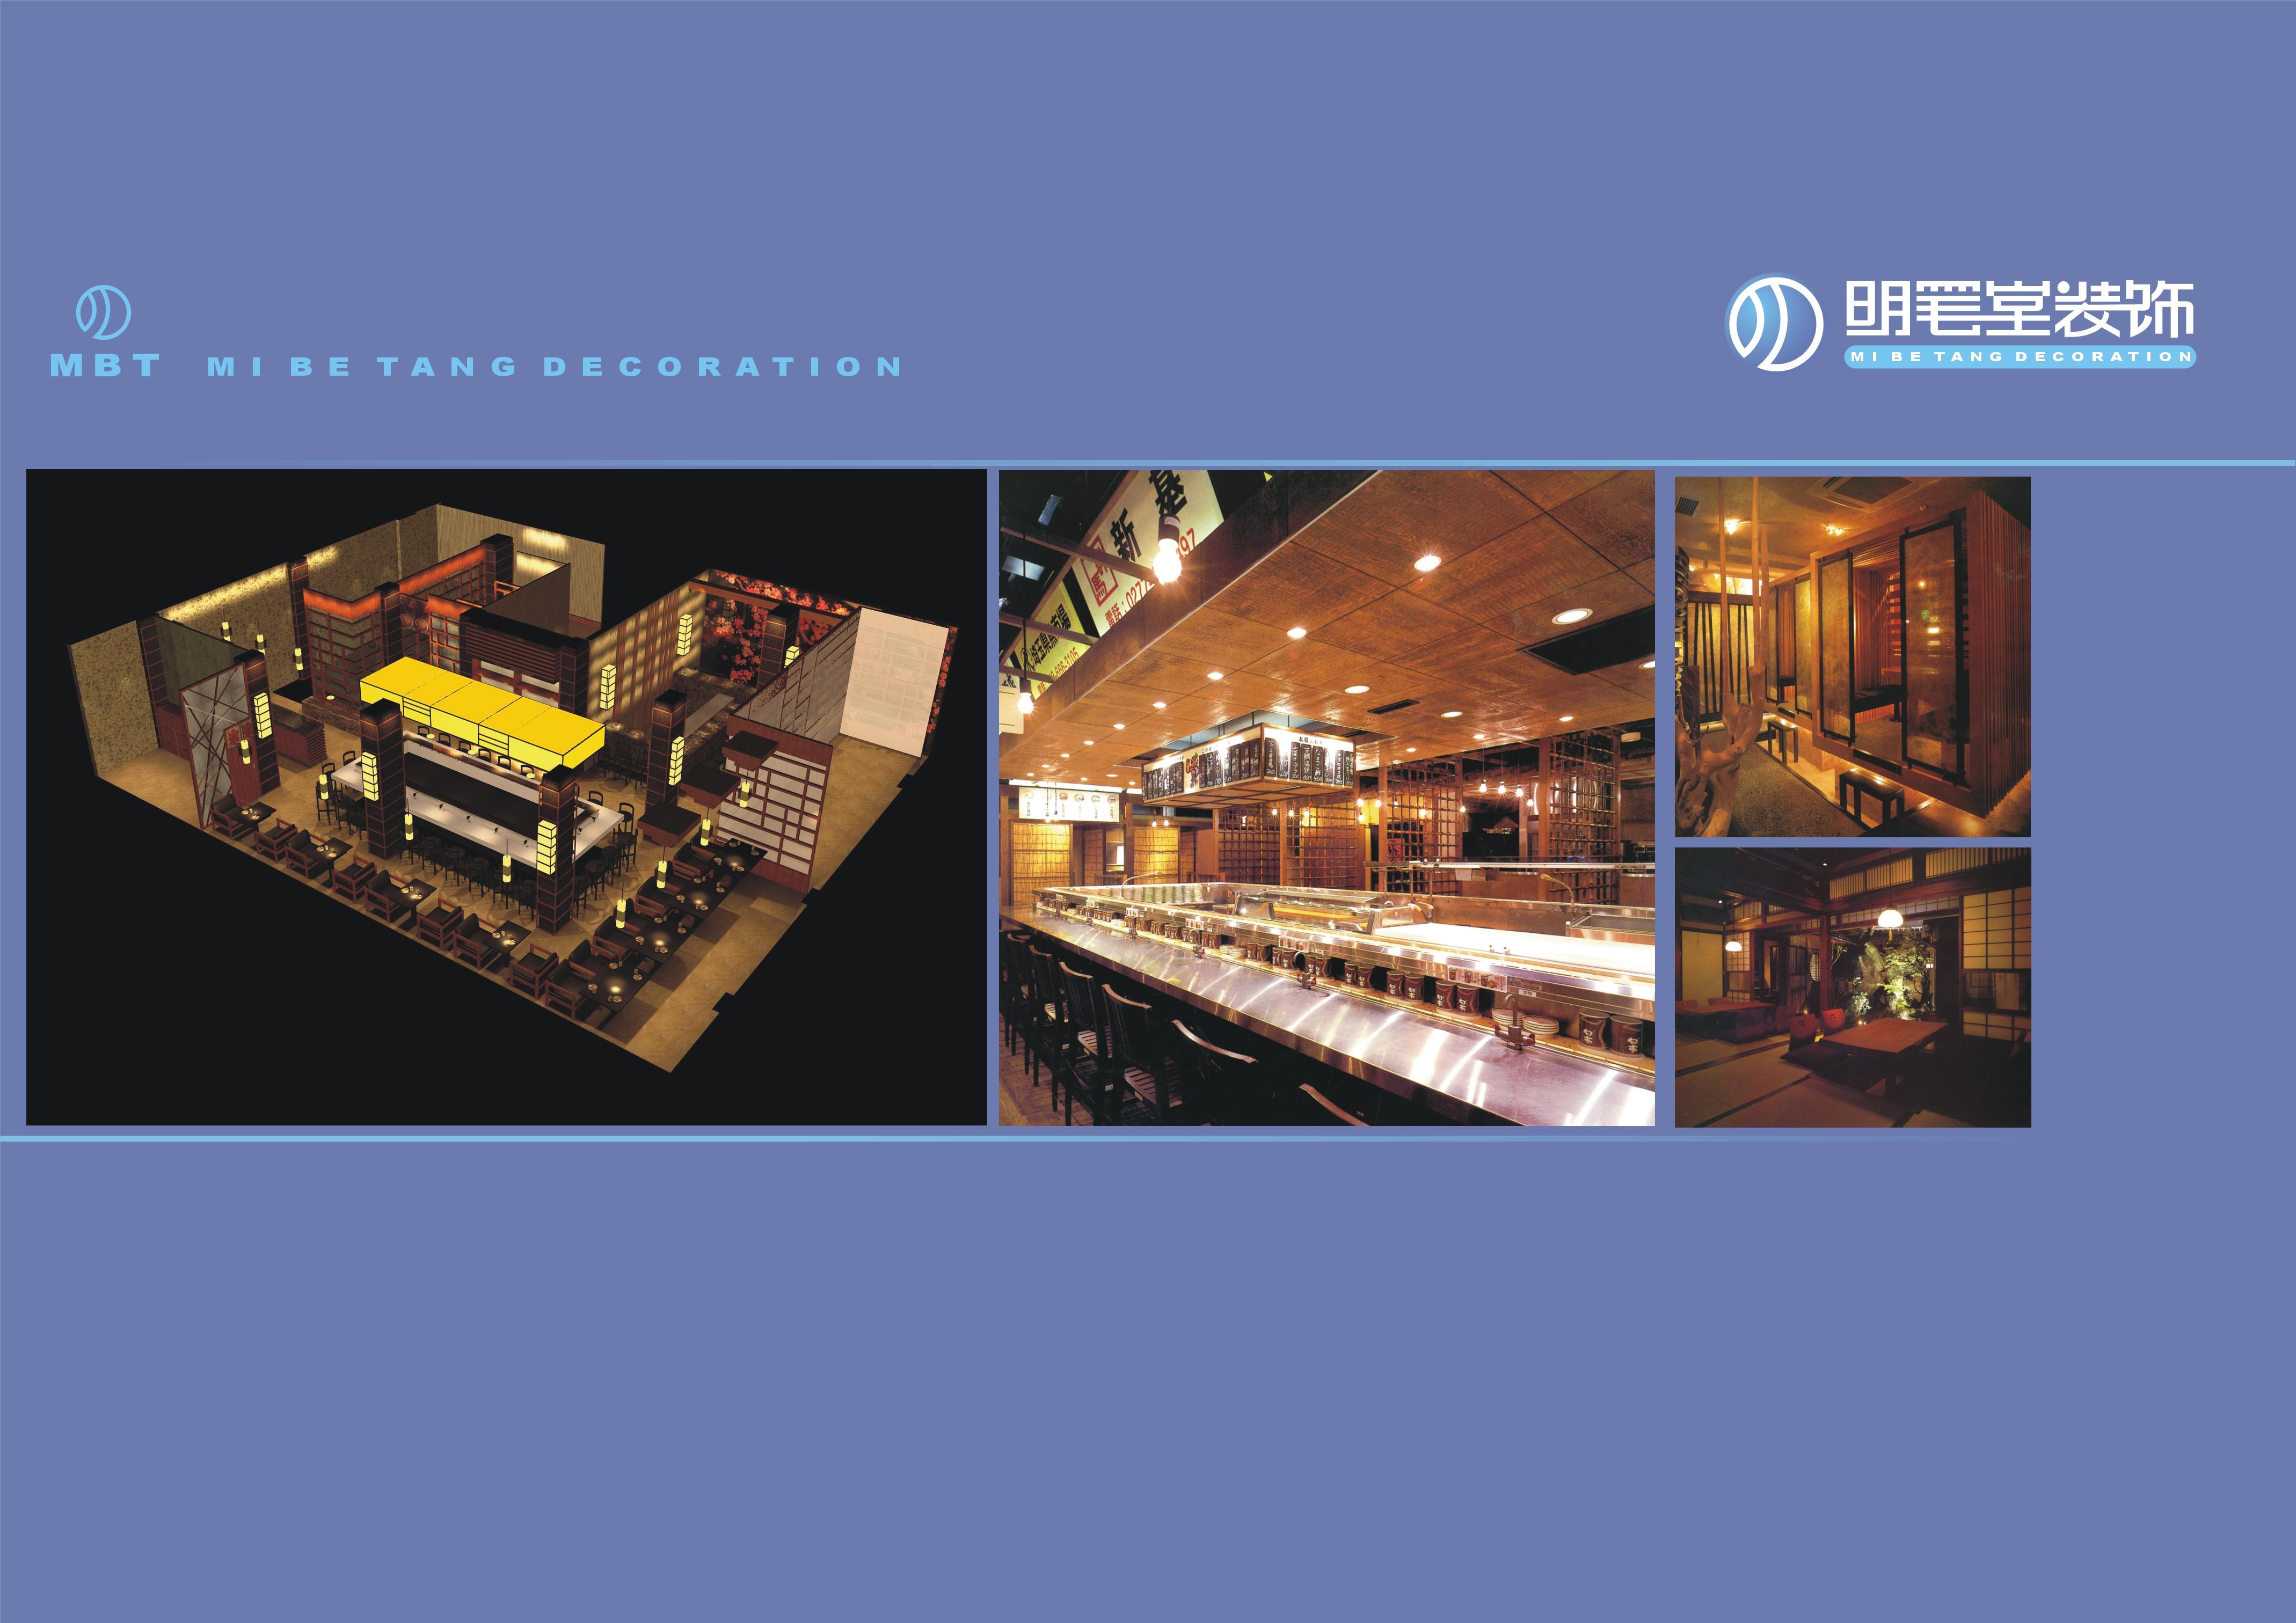 餐饮公装室内空间设计寿司店奶茶店中餐厅西餐厅咖啡厅装修设计